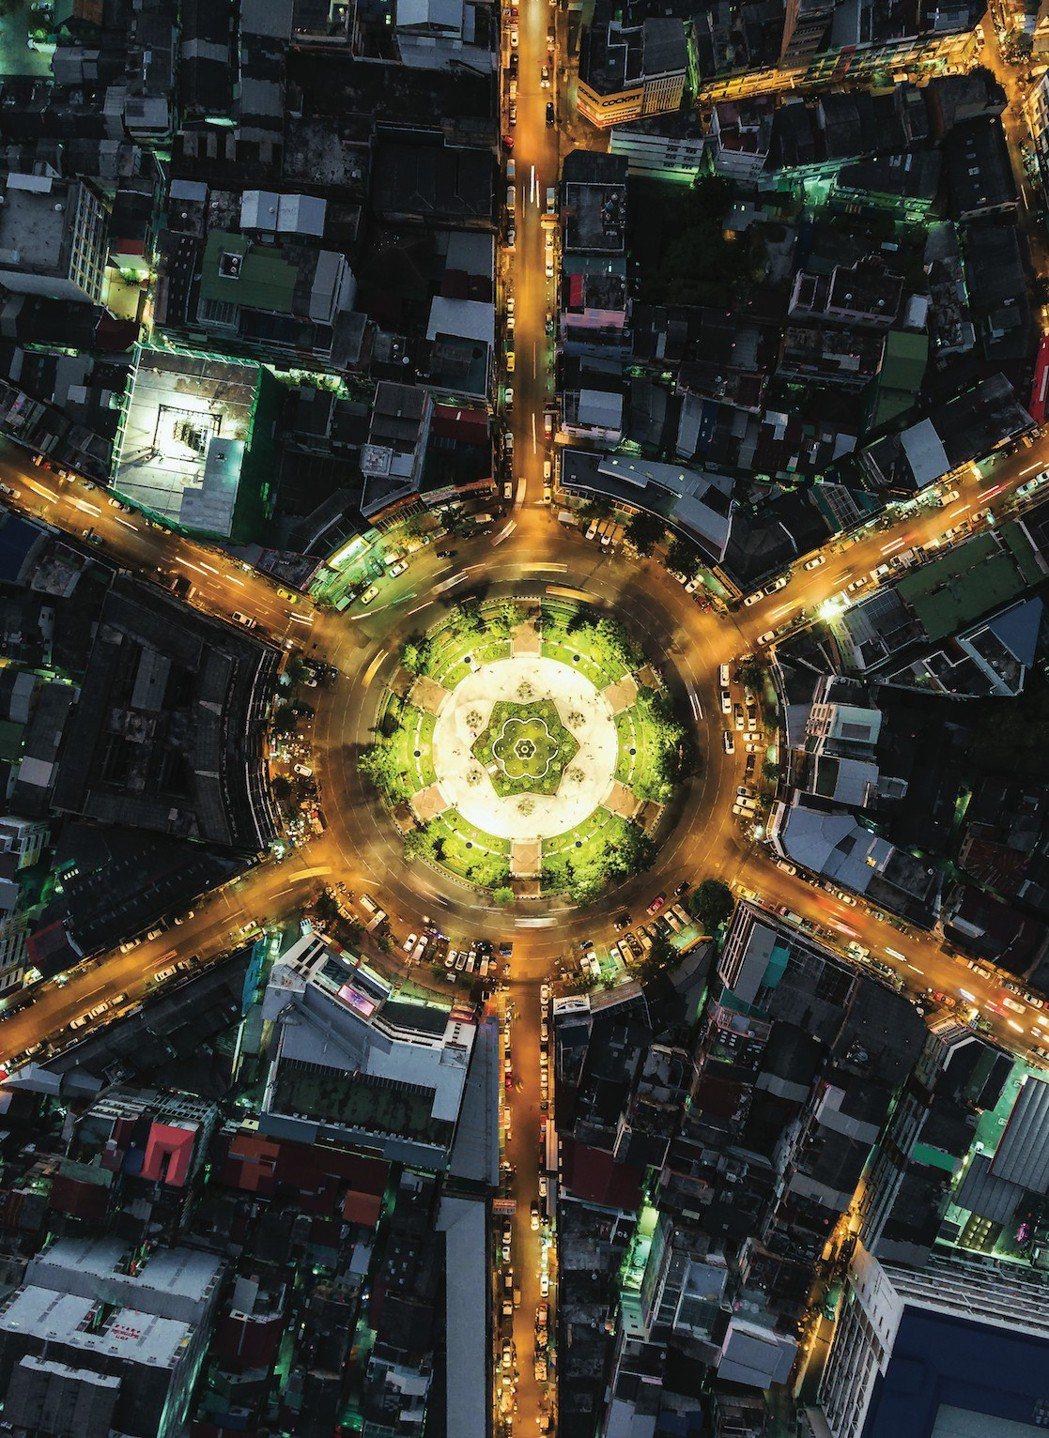 在未來的智慧城市中,科技將無所不在,智慧量錶、智慧路燈、甚至智慧垃圾桶都將廣泛部...